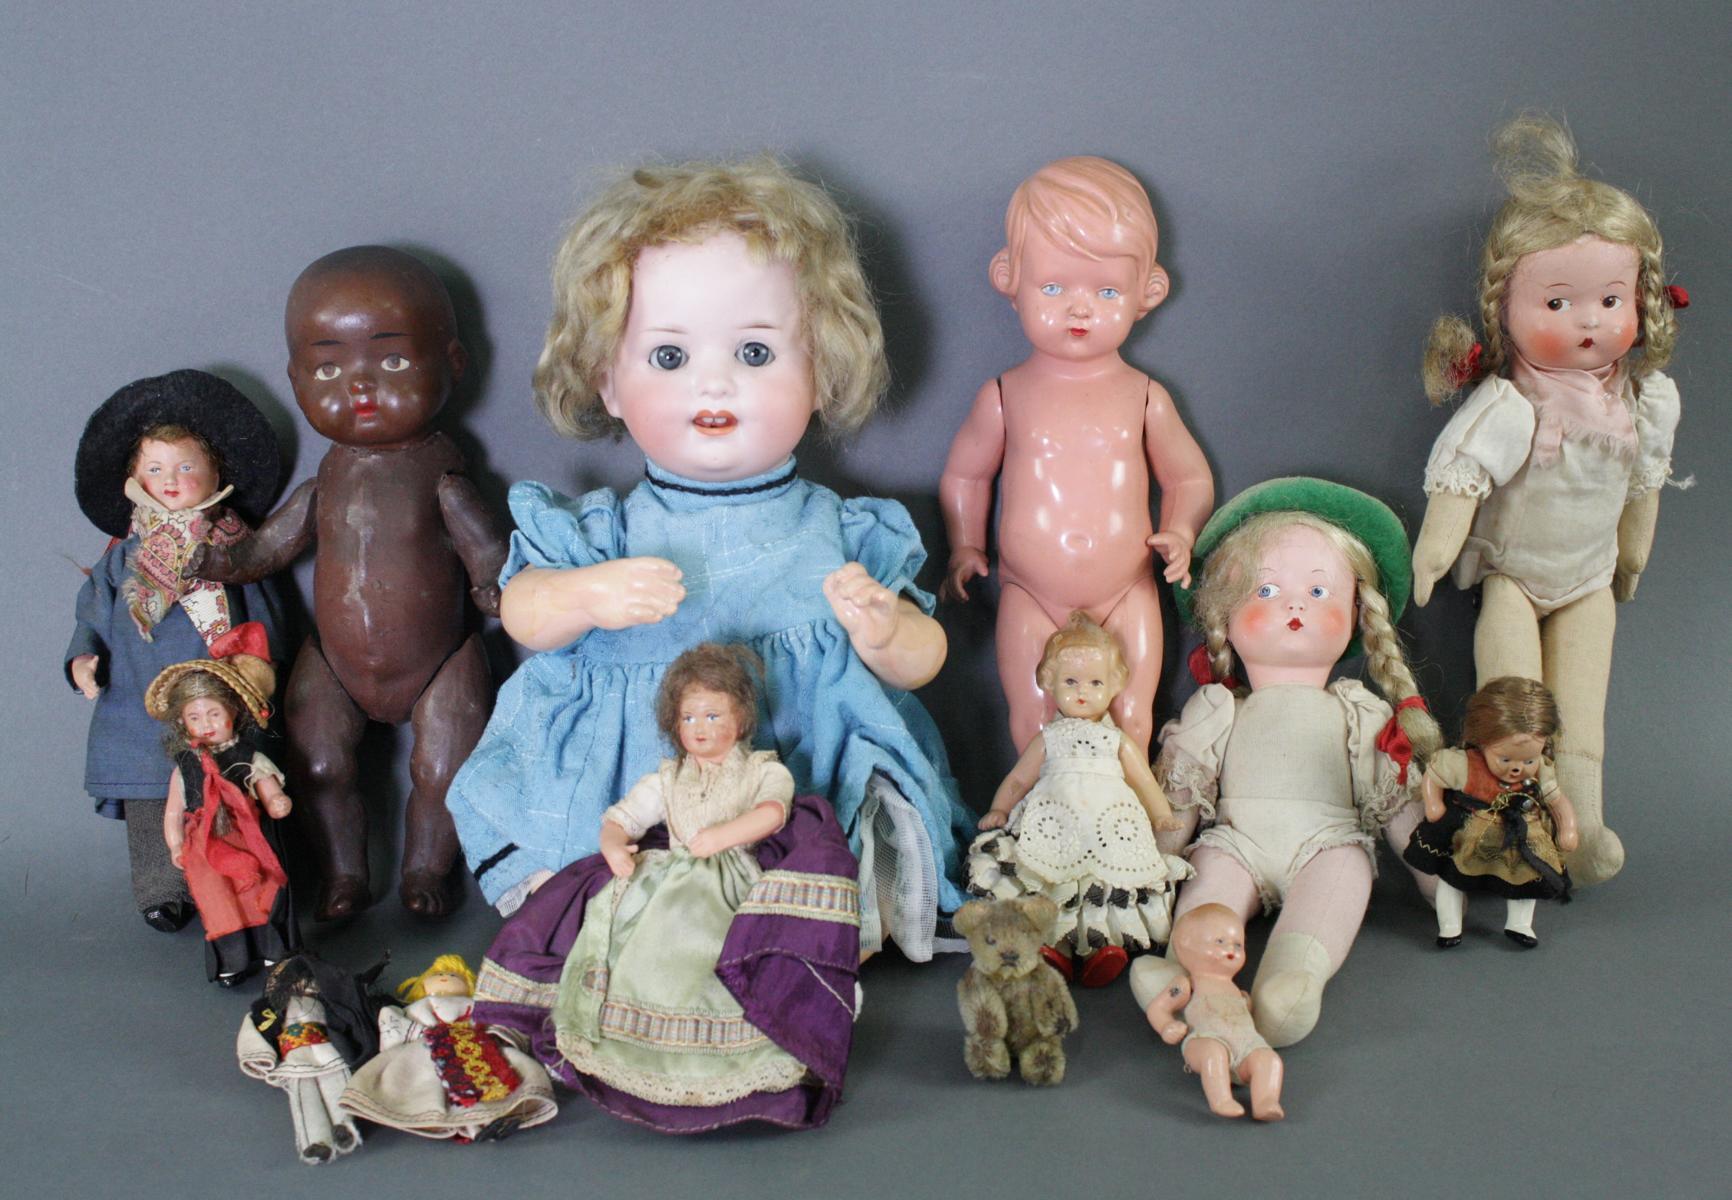 12 sehr alte Puppen, 1. Hälfte 20. Jahrhundert oder älter